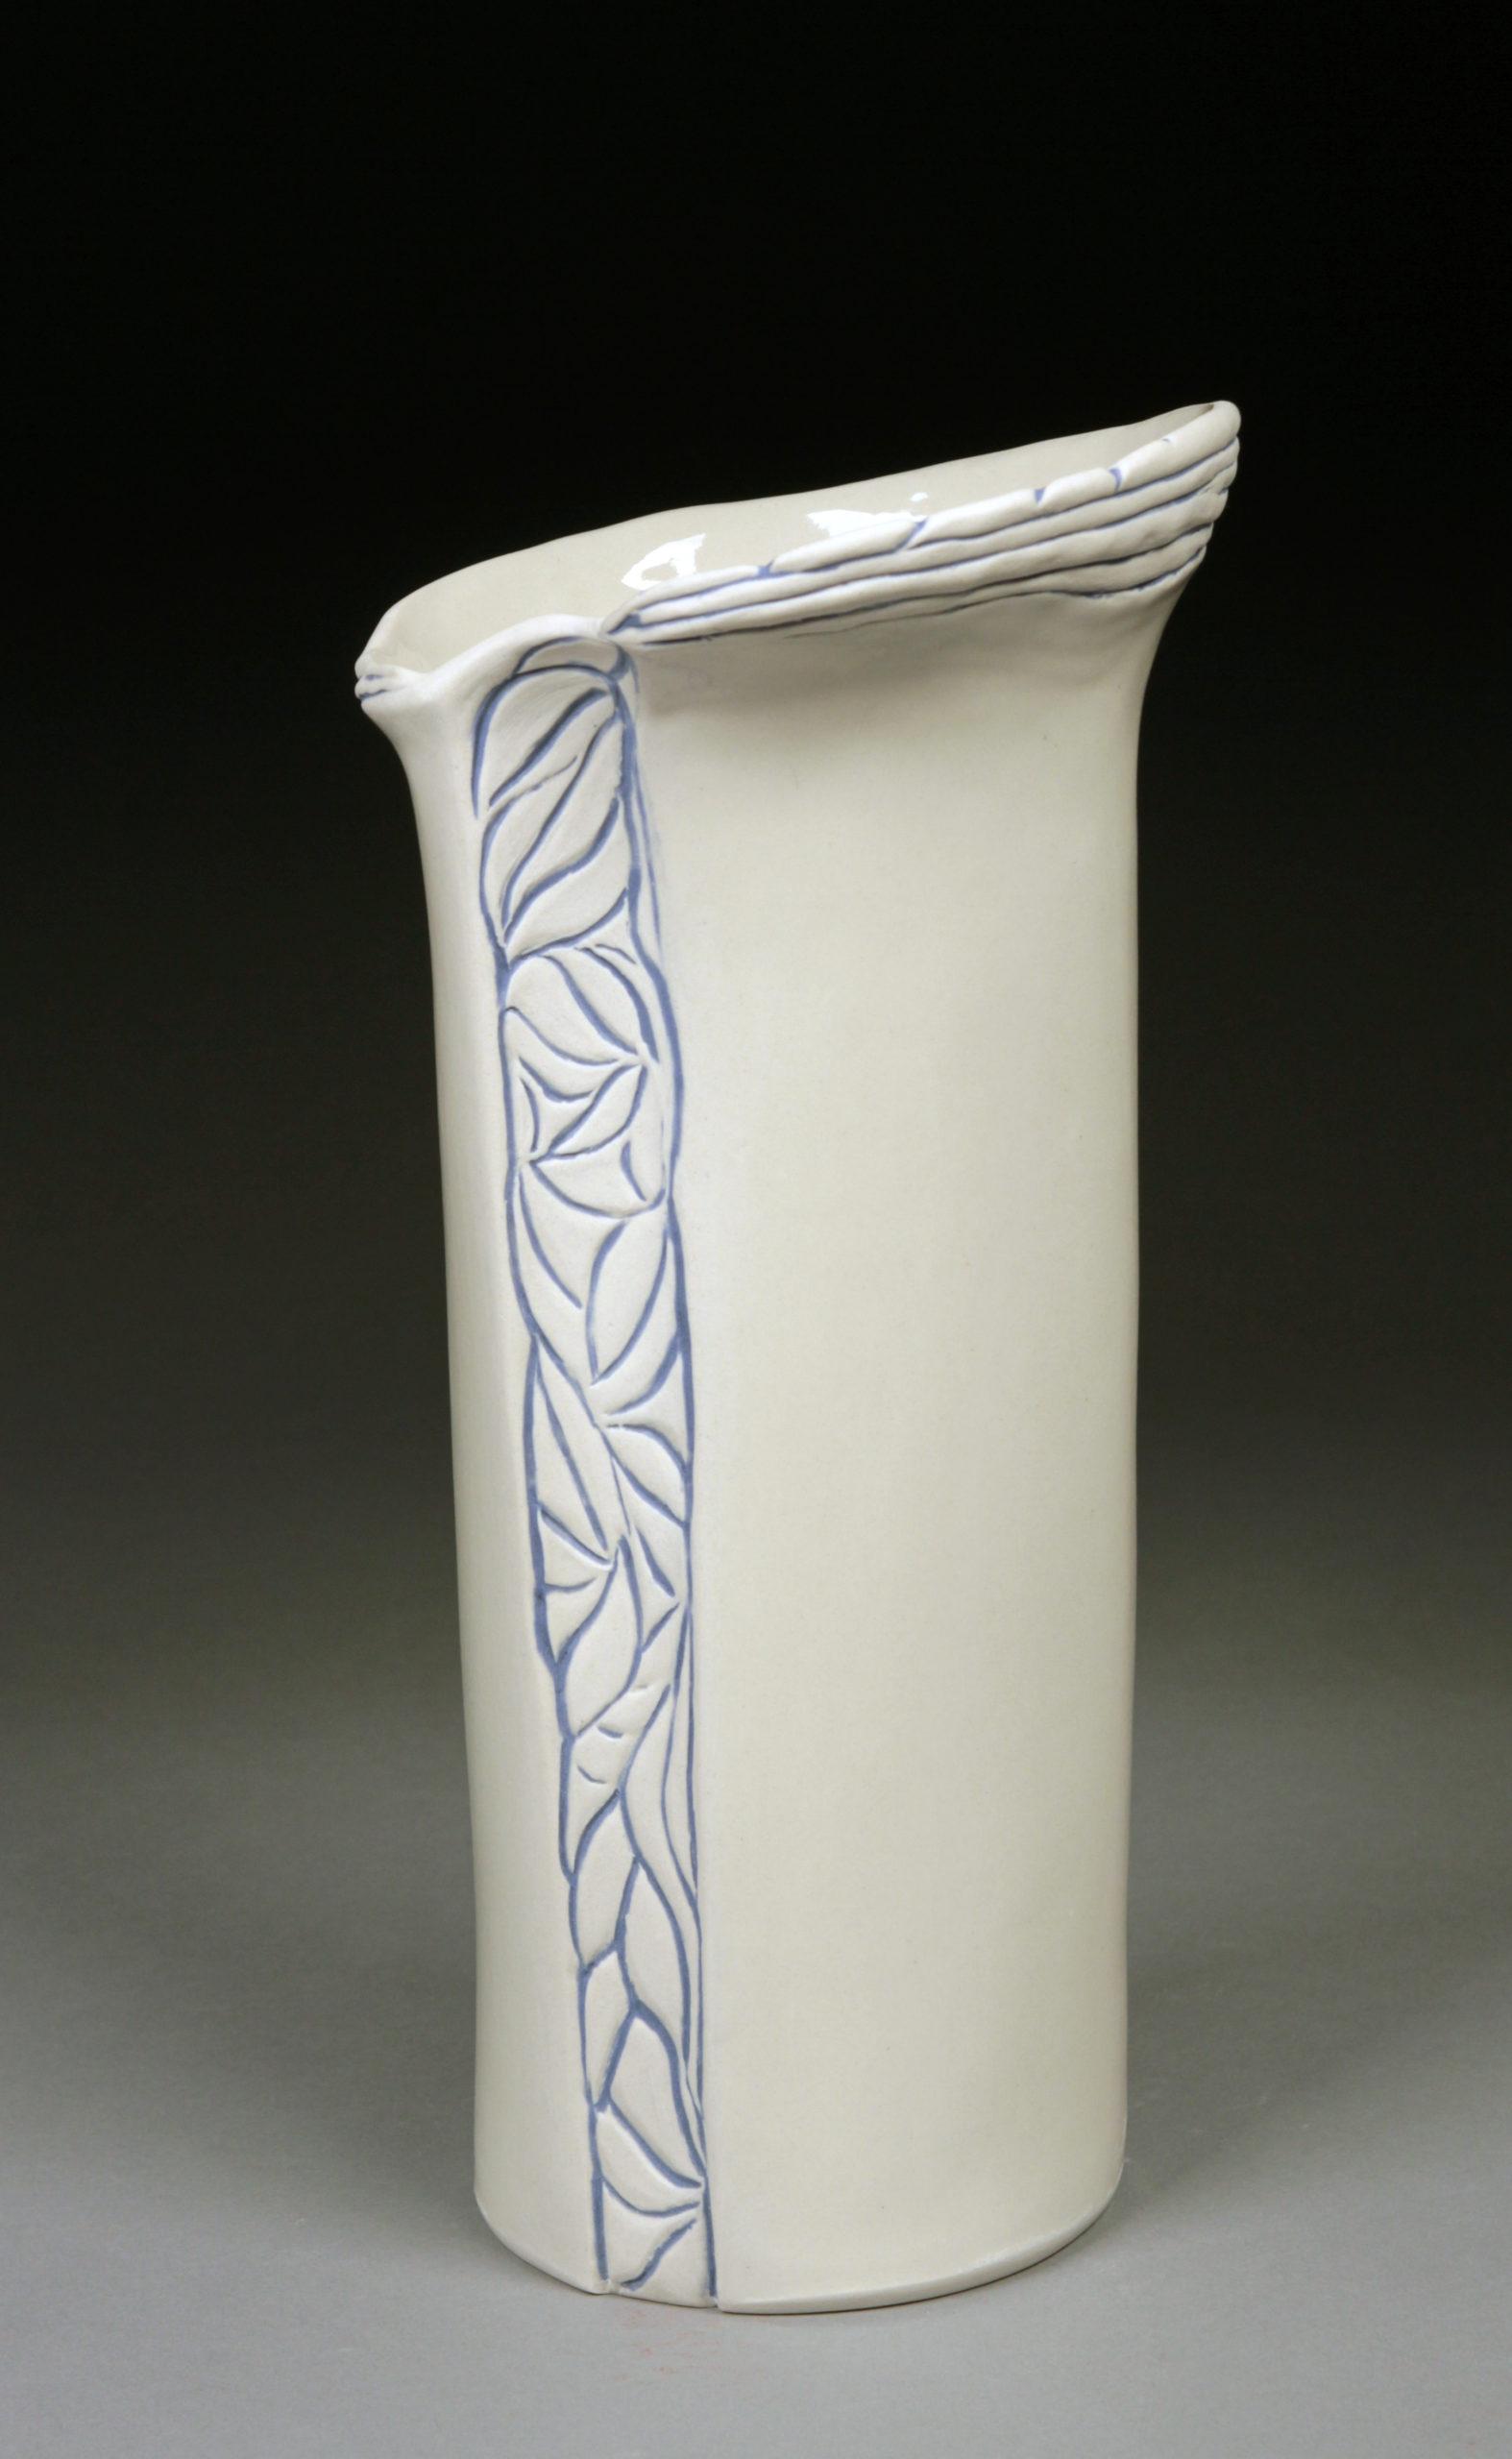 ceramics3184